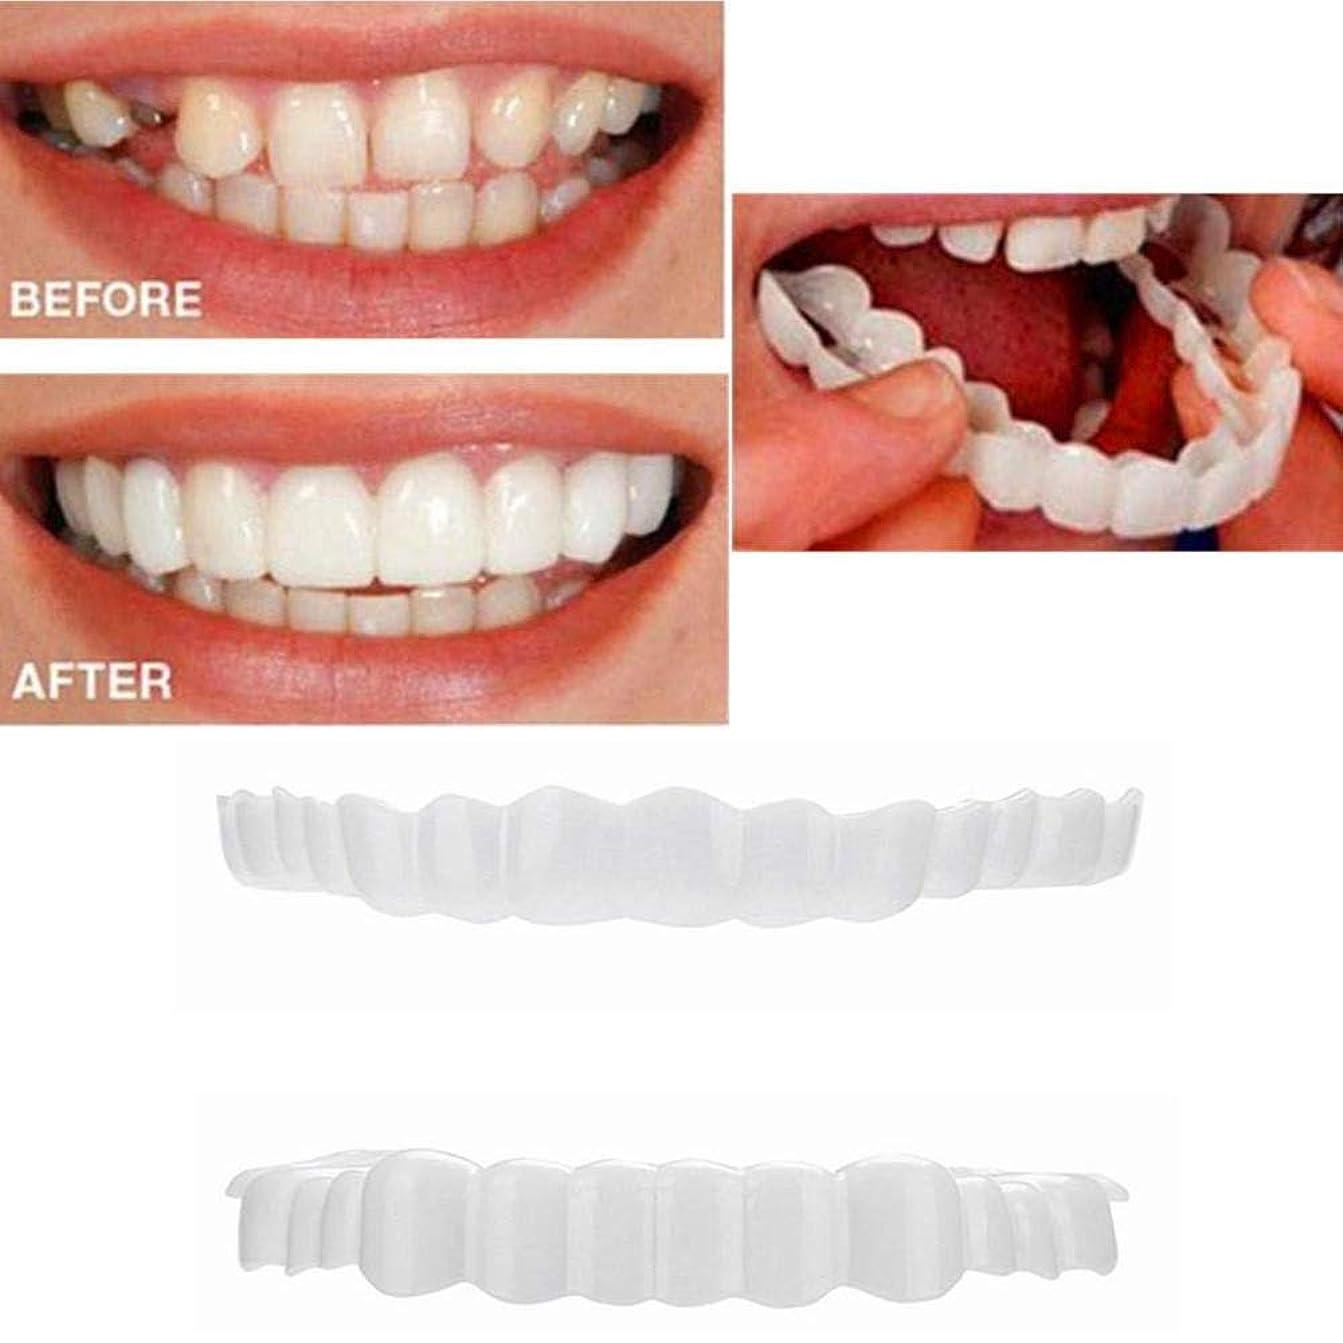 直感マーカーうなずく最新の化粧板の歯、化粧品の歯3組 - 一時的な笑顔の快適さフィットフレックス化粧品の歯、ワンサイズ、スーペリアーとローワーコンフォートベニア - (Lower + Upper)